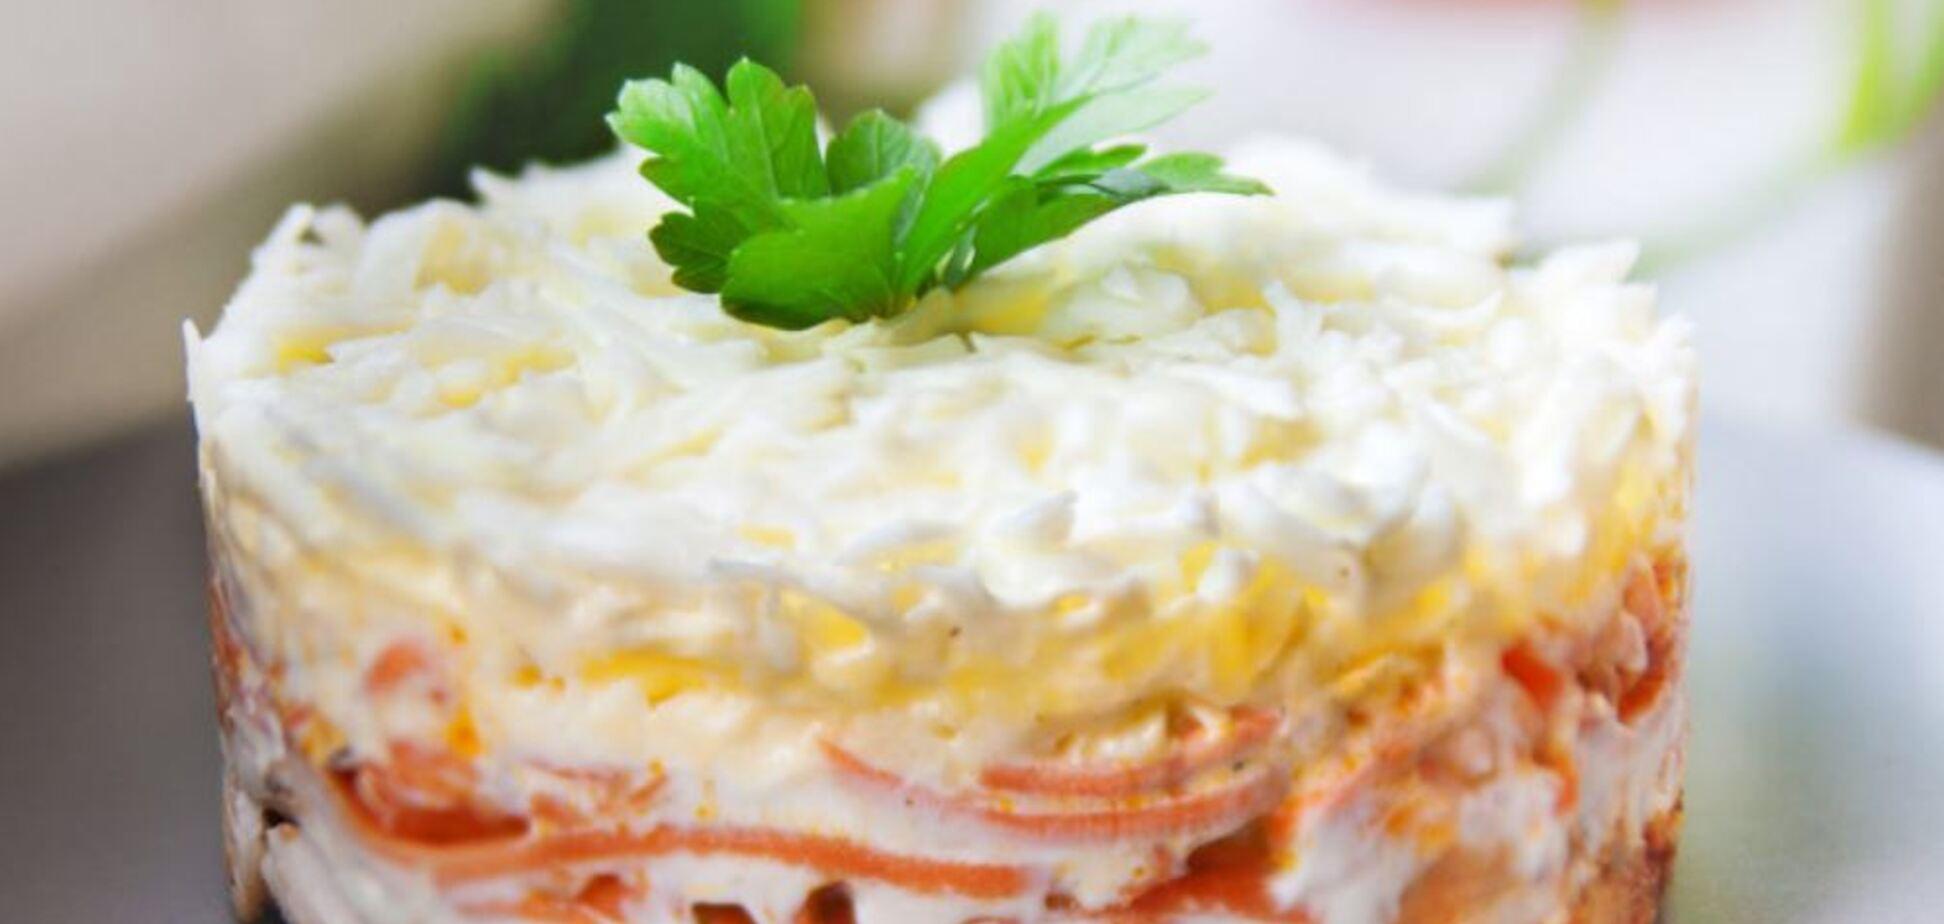 Вкуснейший праздничный салат 'Бунито' с курицей и морковью